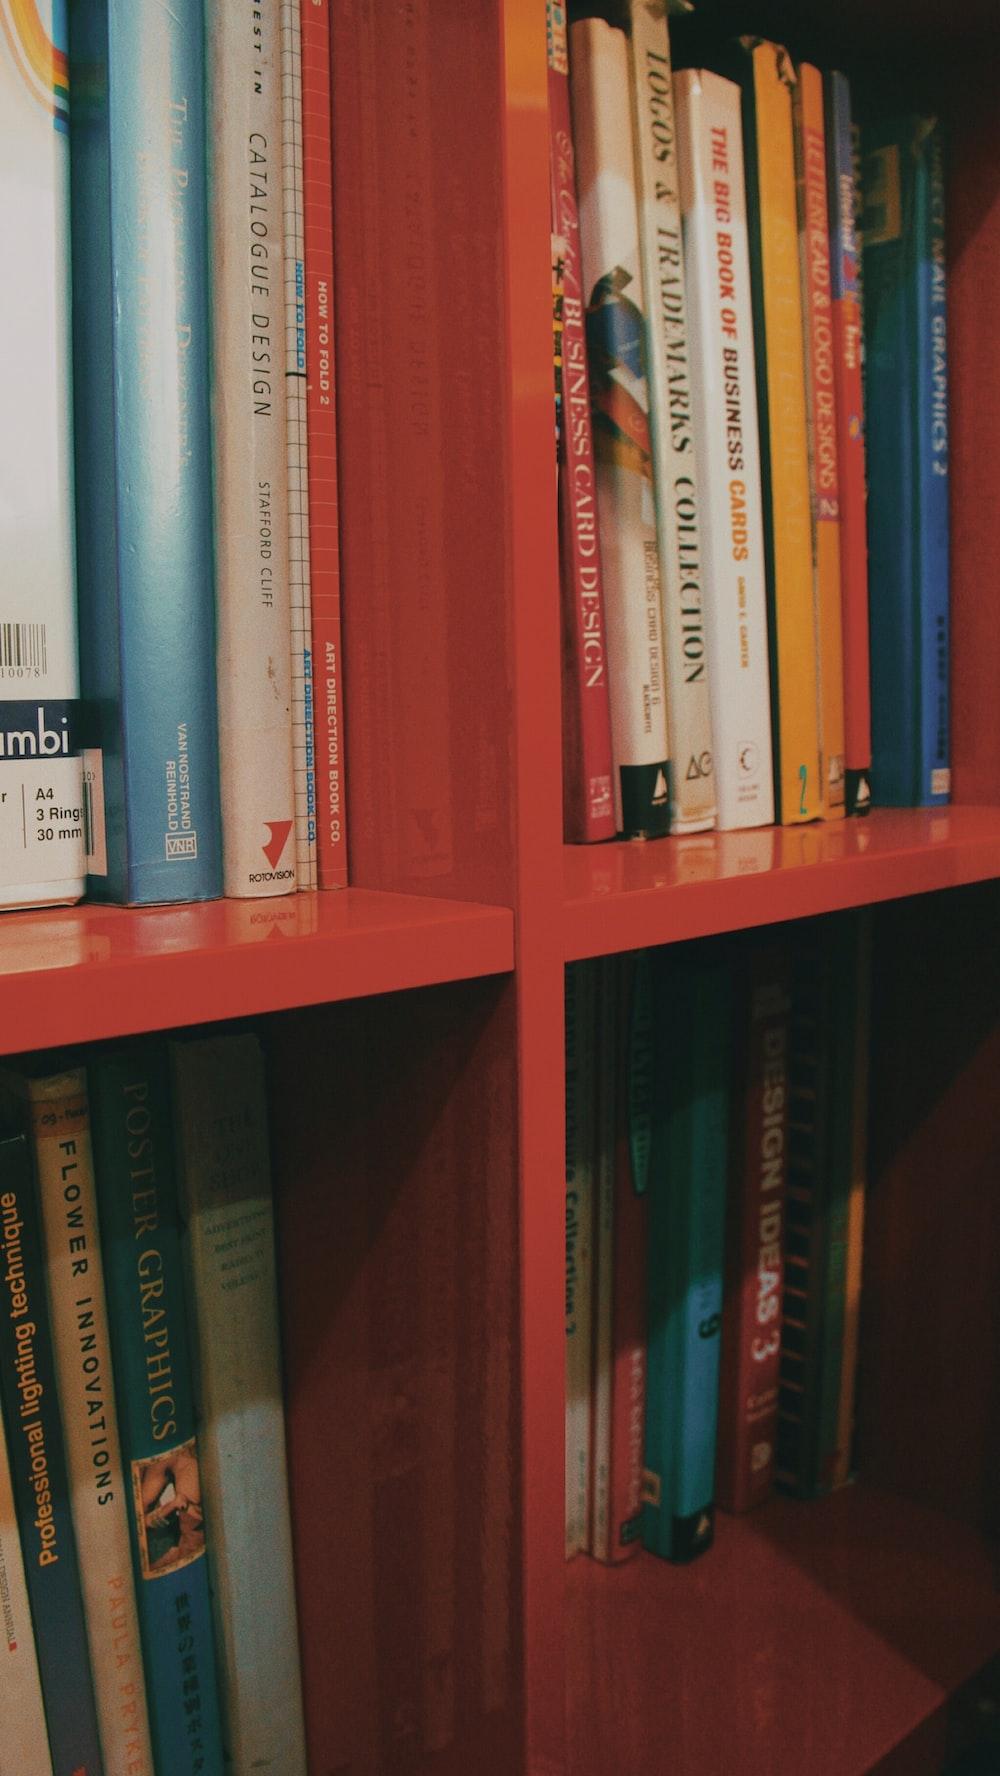 books in shelves